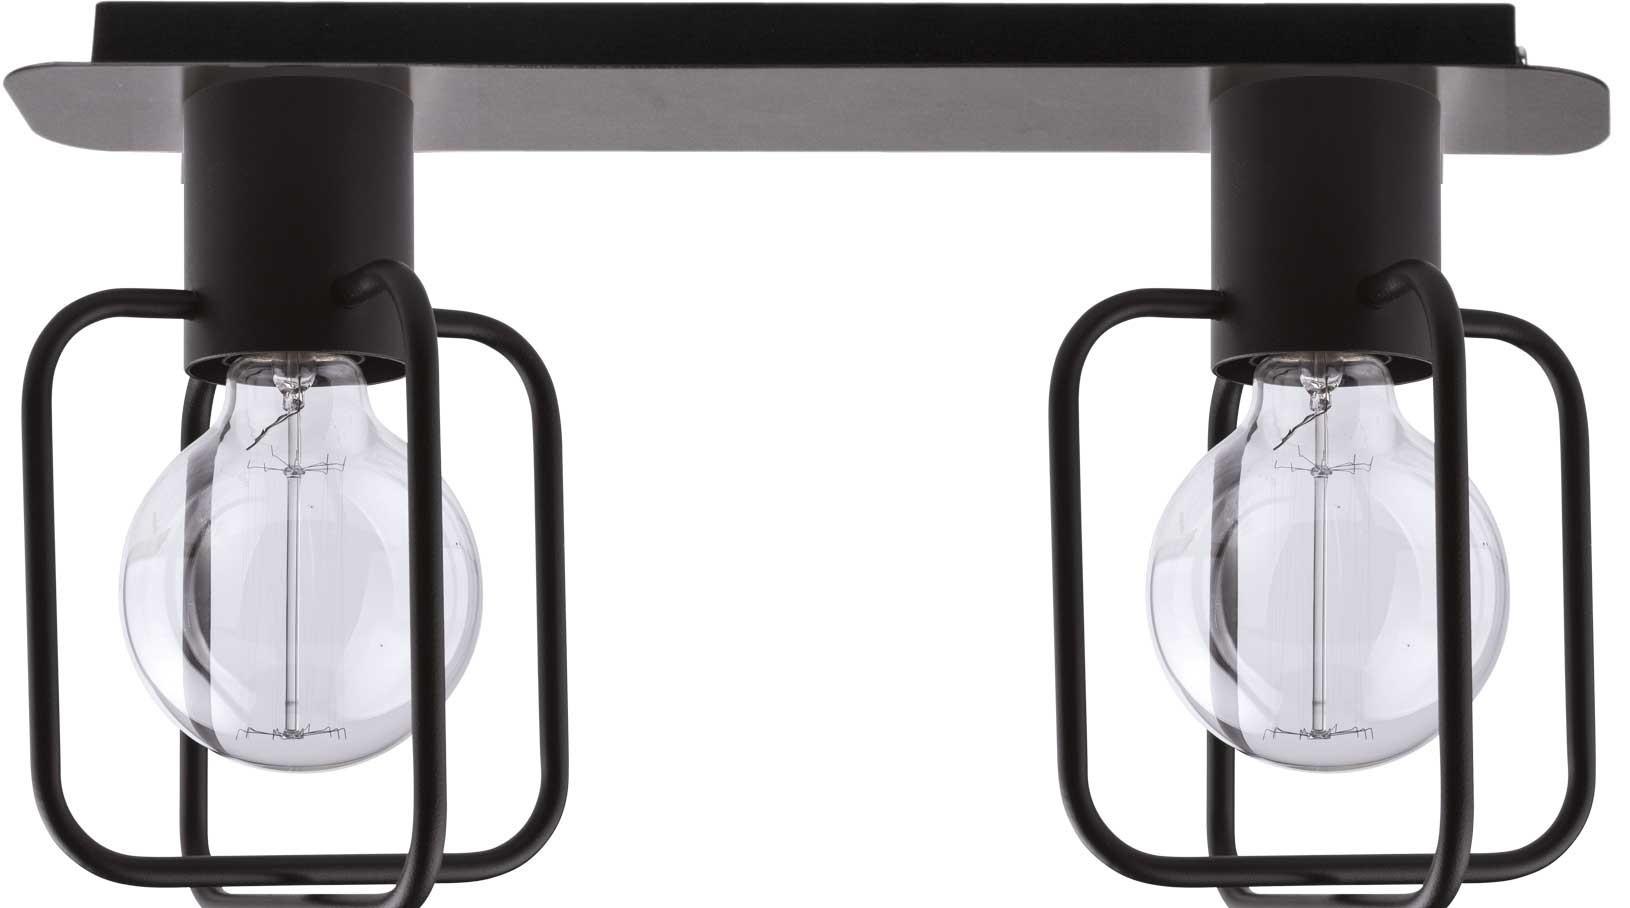 Lampa sufitowa Aura kwadrat 2 czarna 31114 - Sigma Do -17% rabatu w koszyku i darmowa dostawa od 299zł !